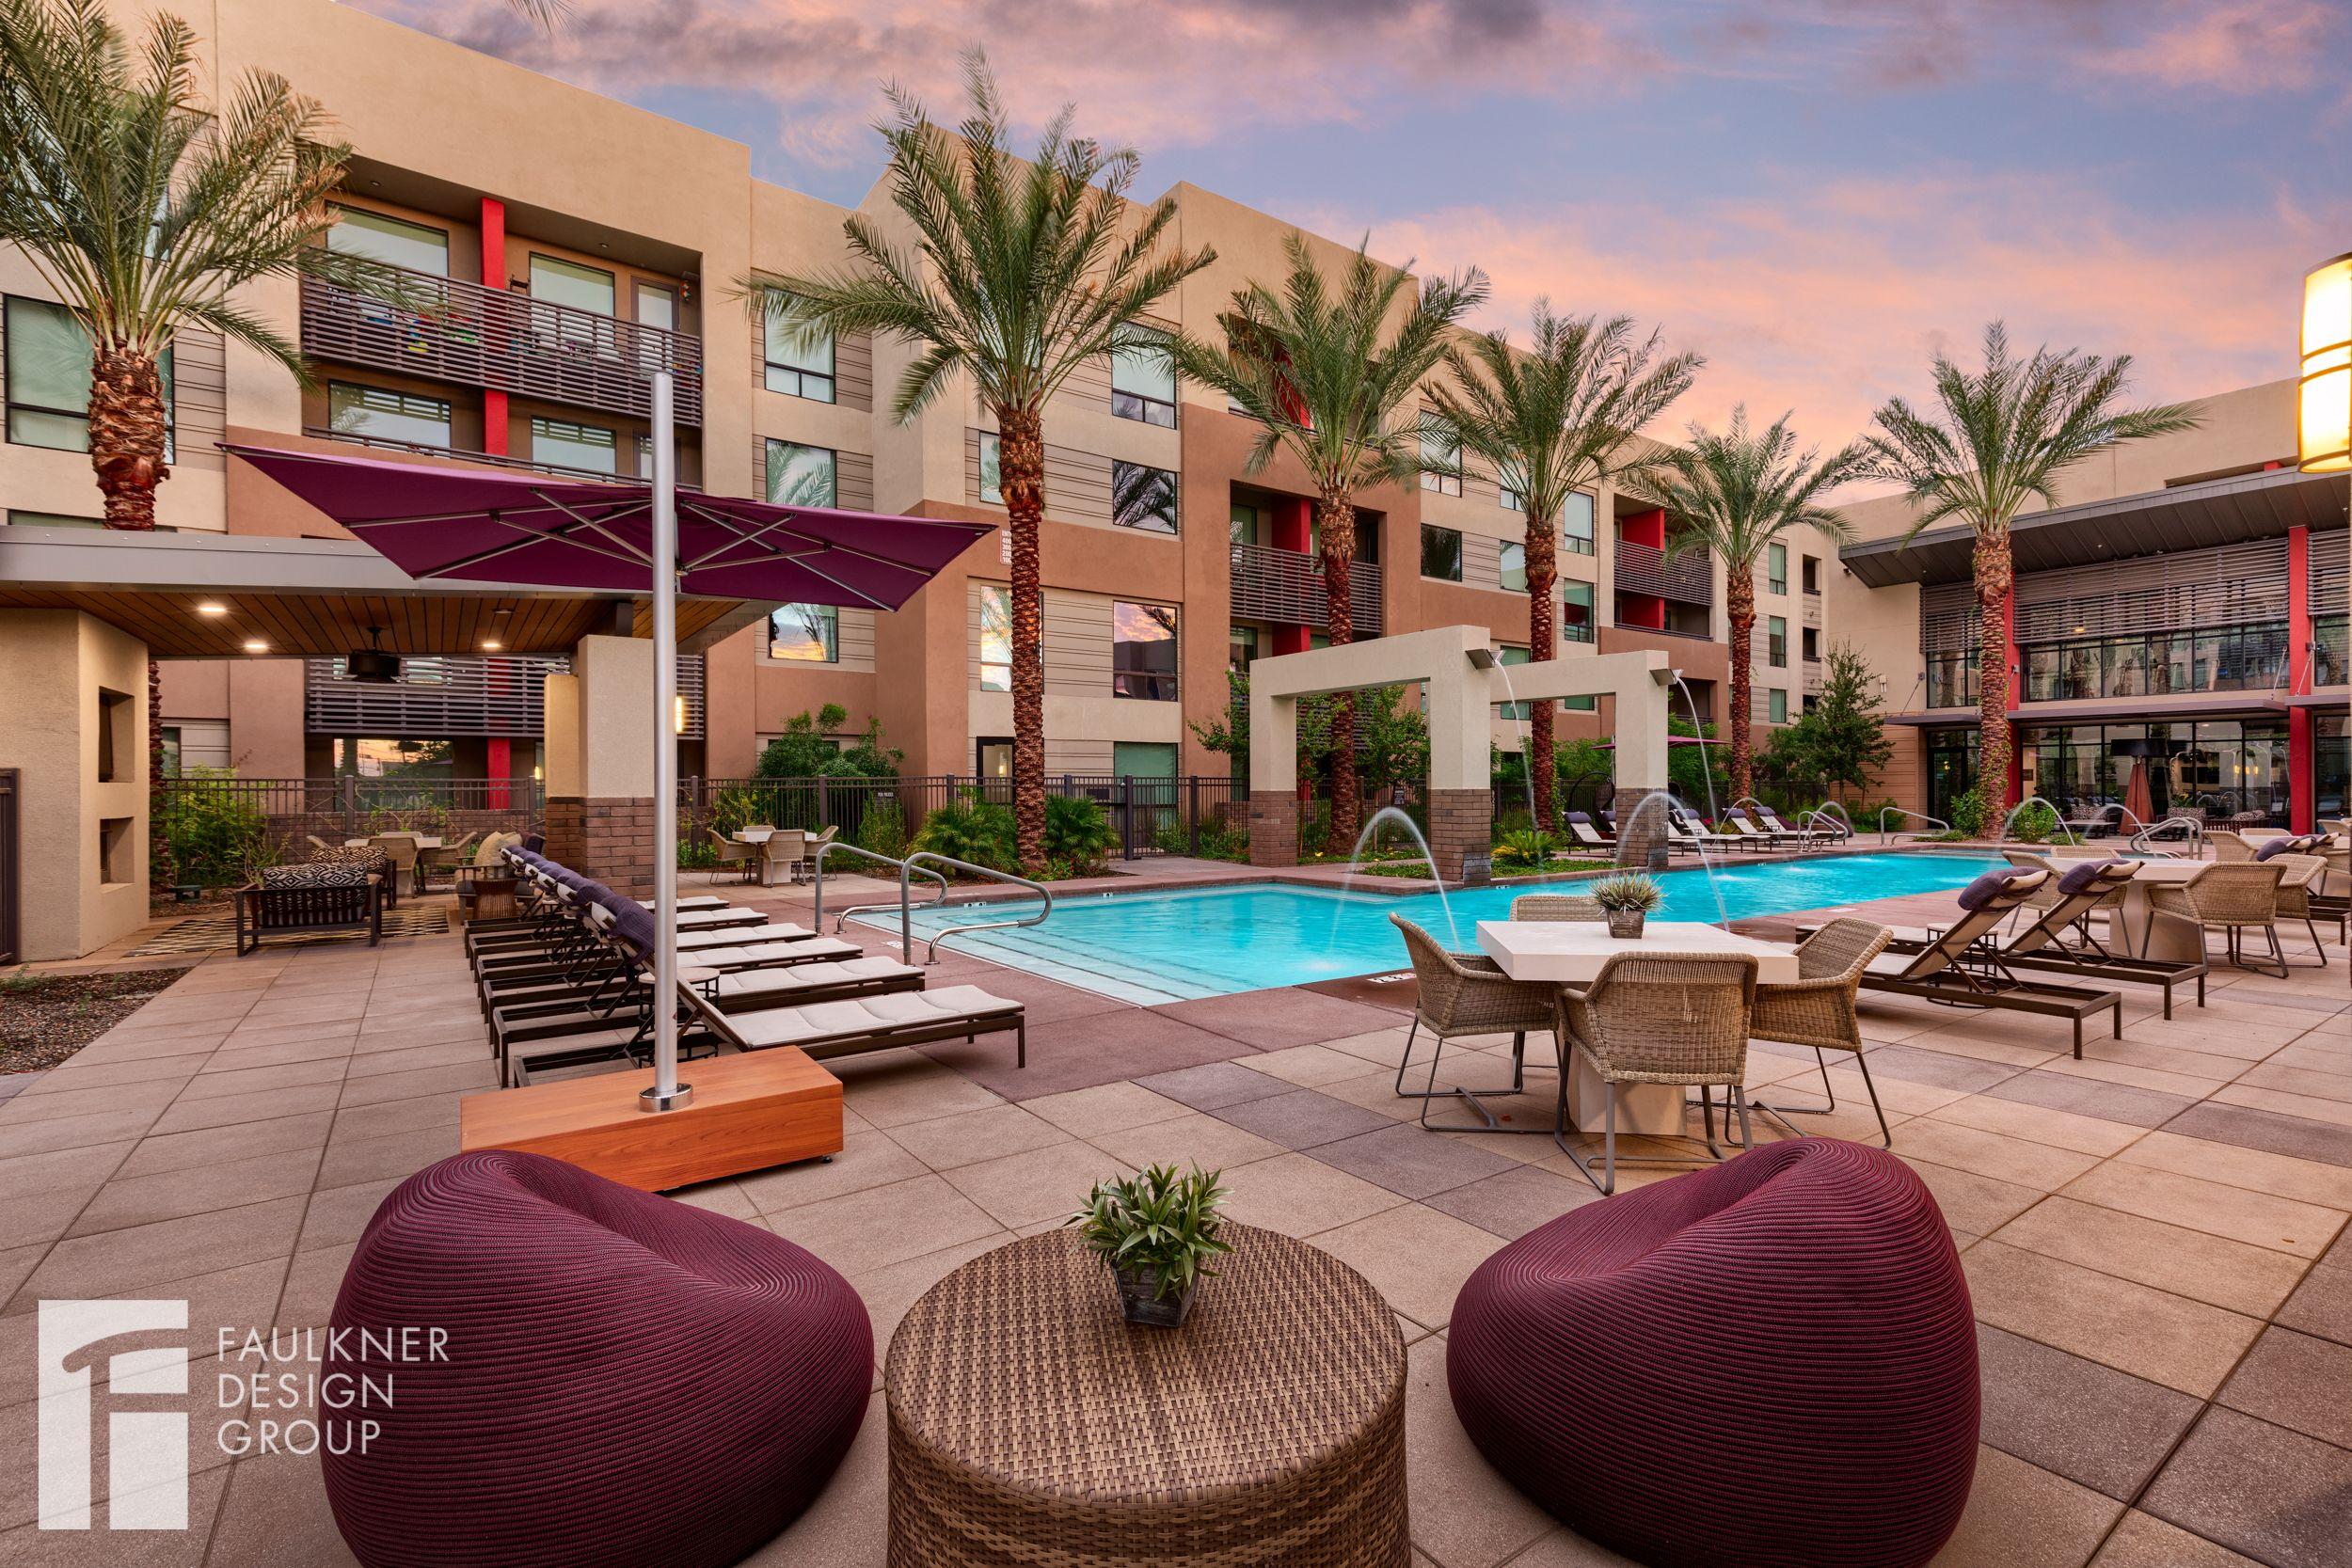 Designed by Faulkner Design Group outdoorliving pool